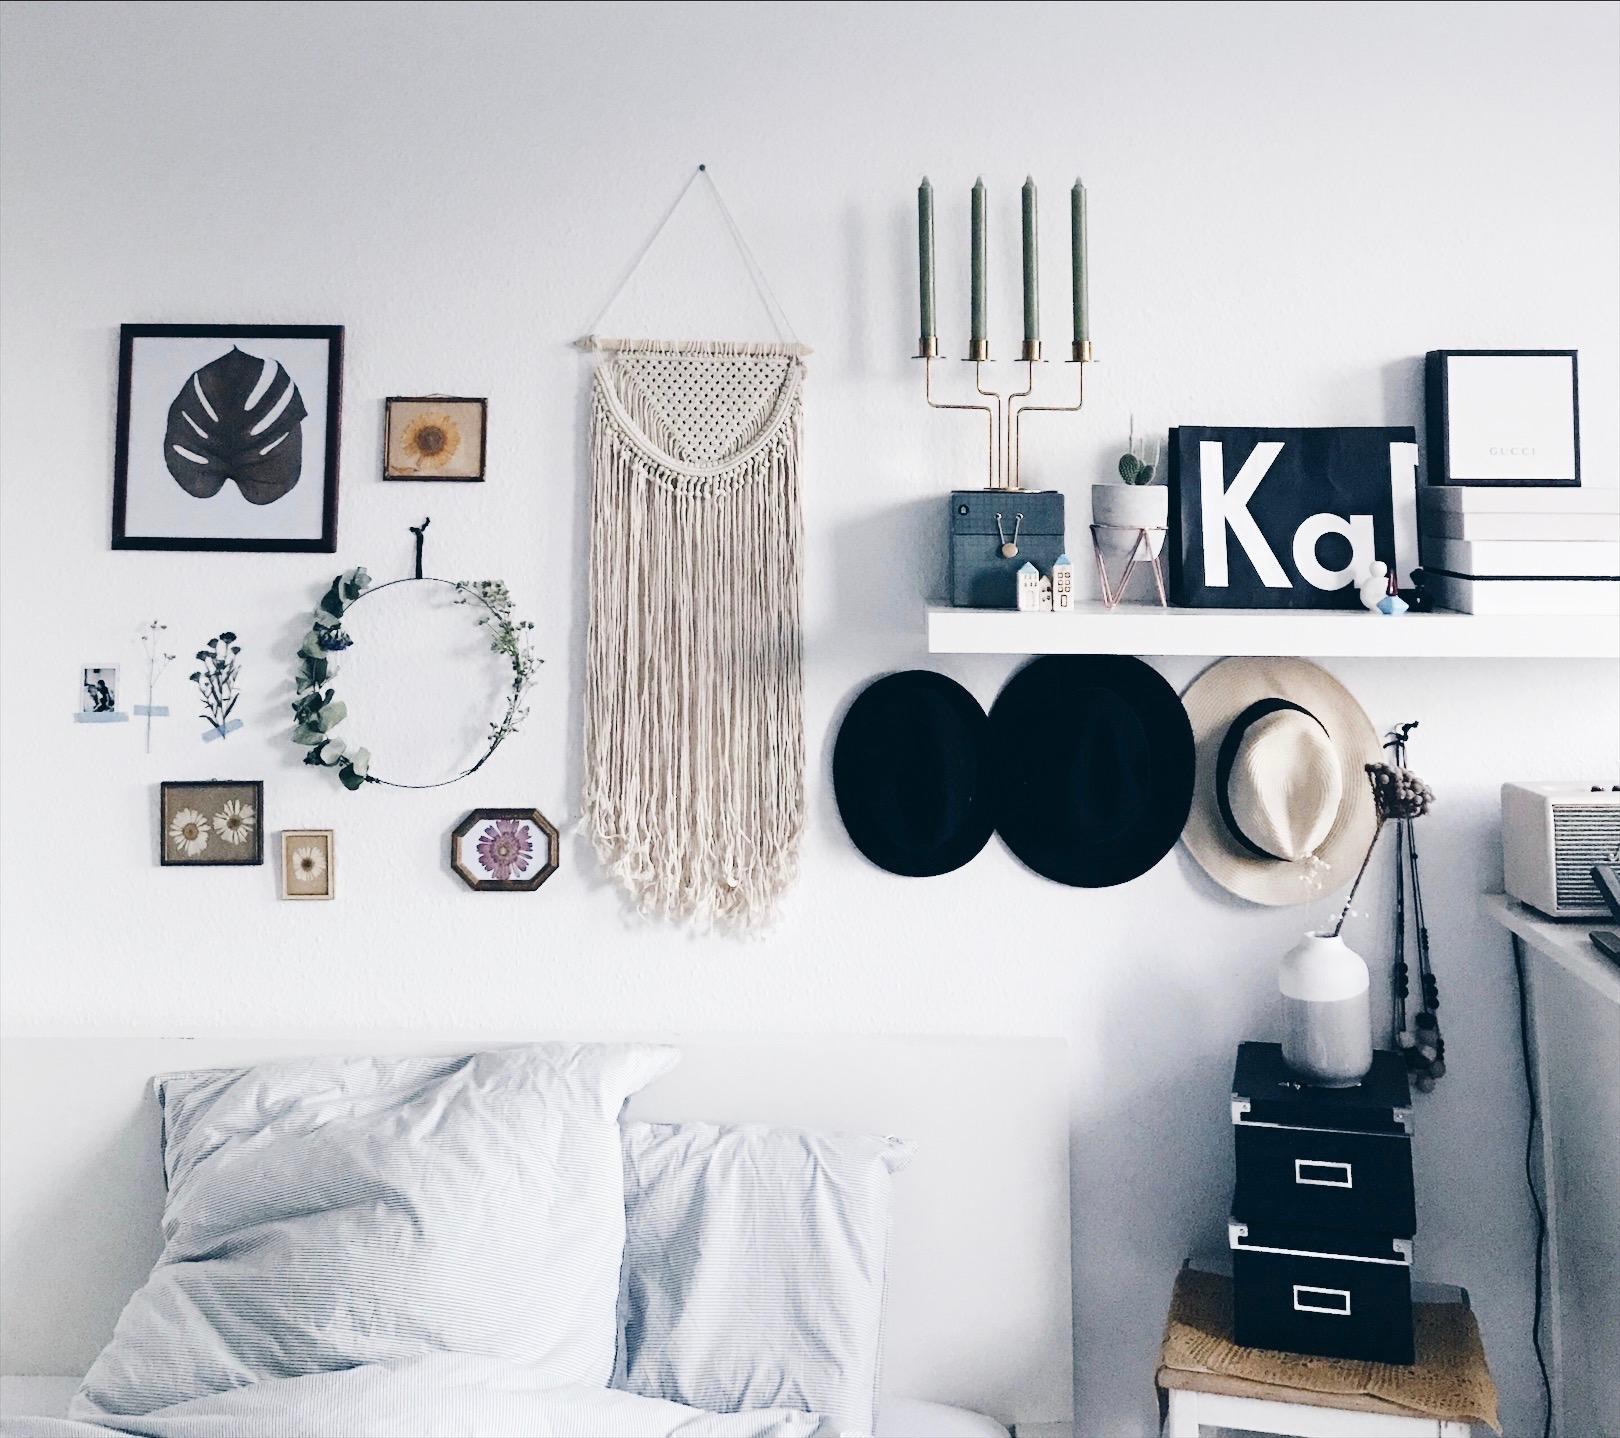 schlafzimmer rechteckig einrichten janine bettw sche 200x200 tinkerbell berbau schlafzimmer. Black Bedroom Furniture Sets. Home Design Ideas